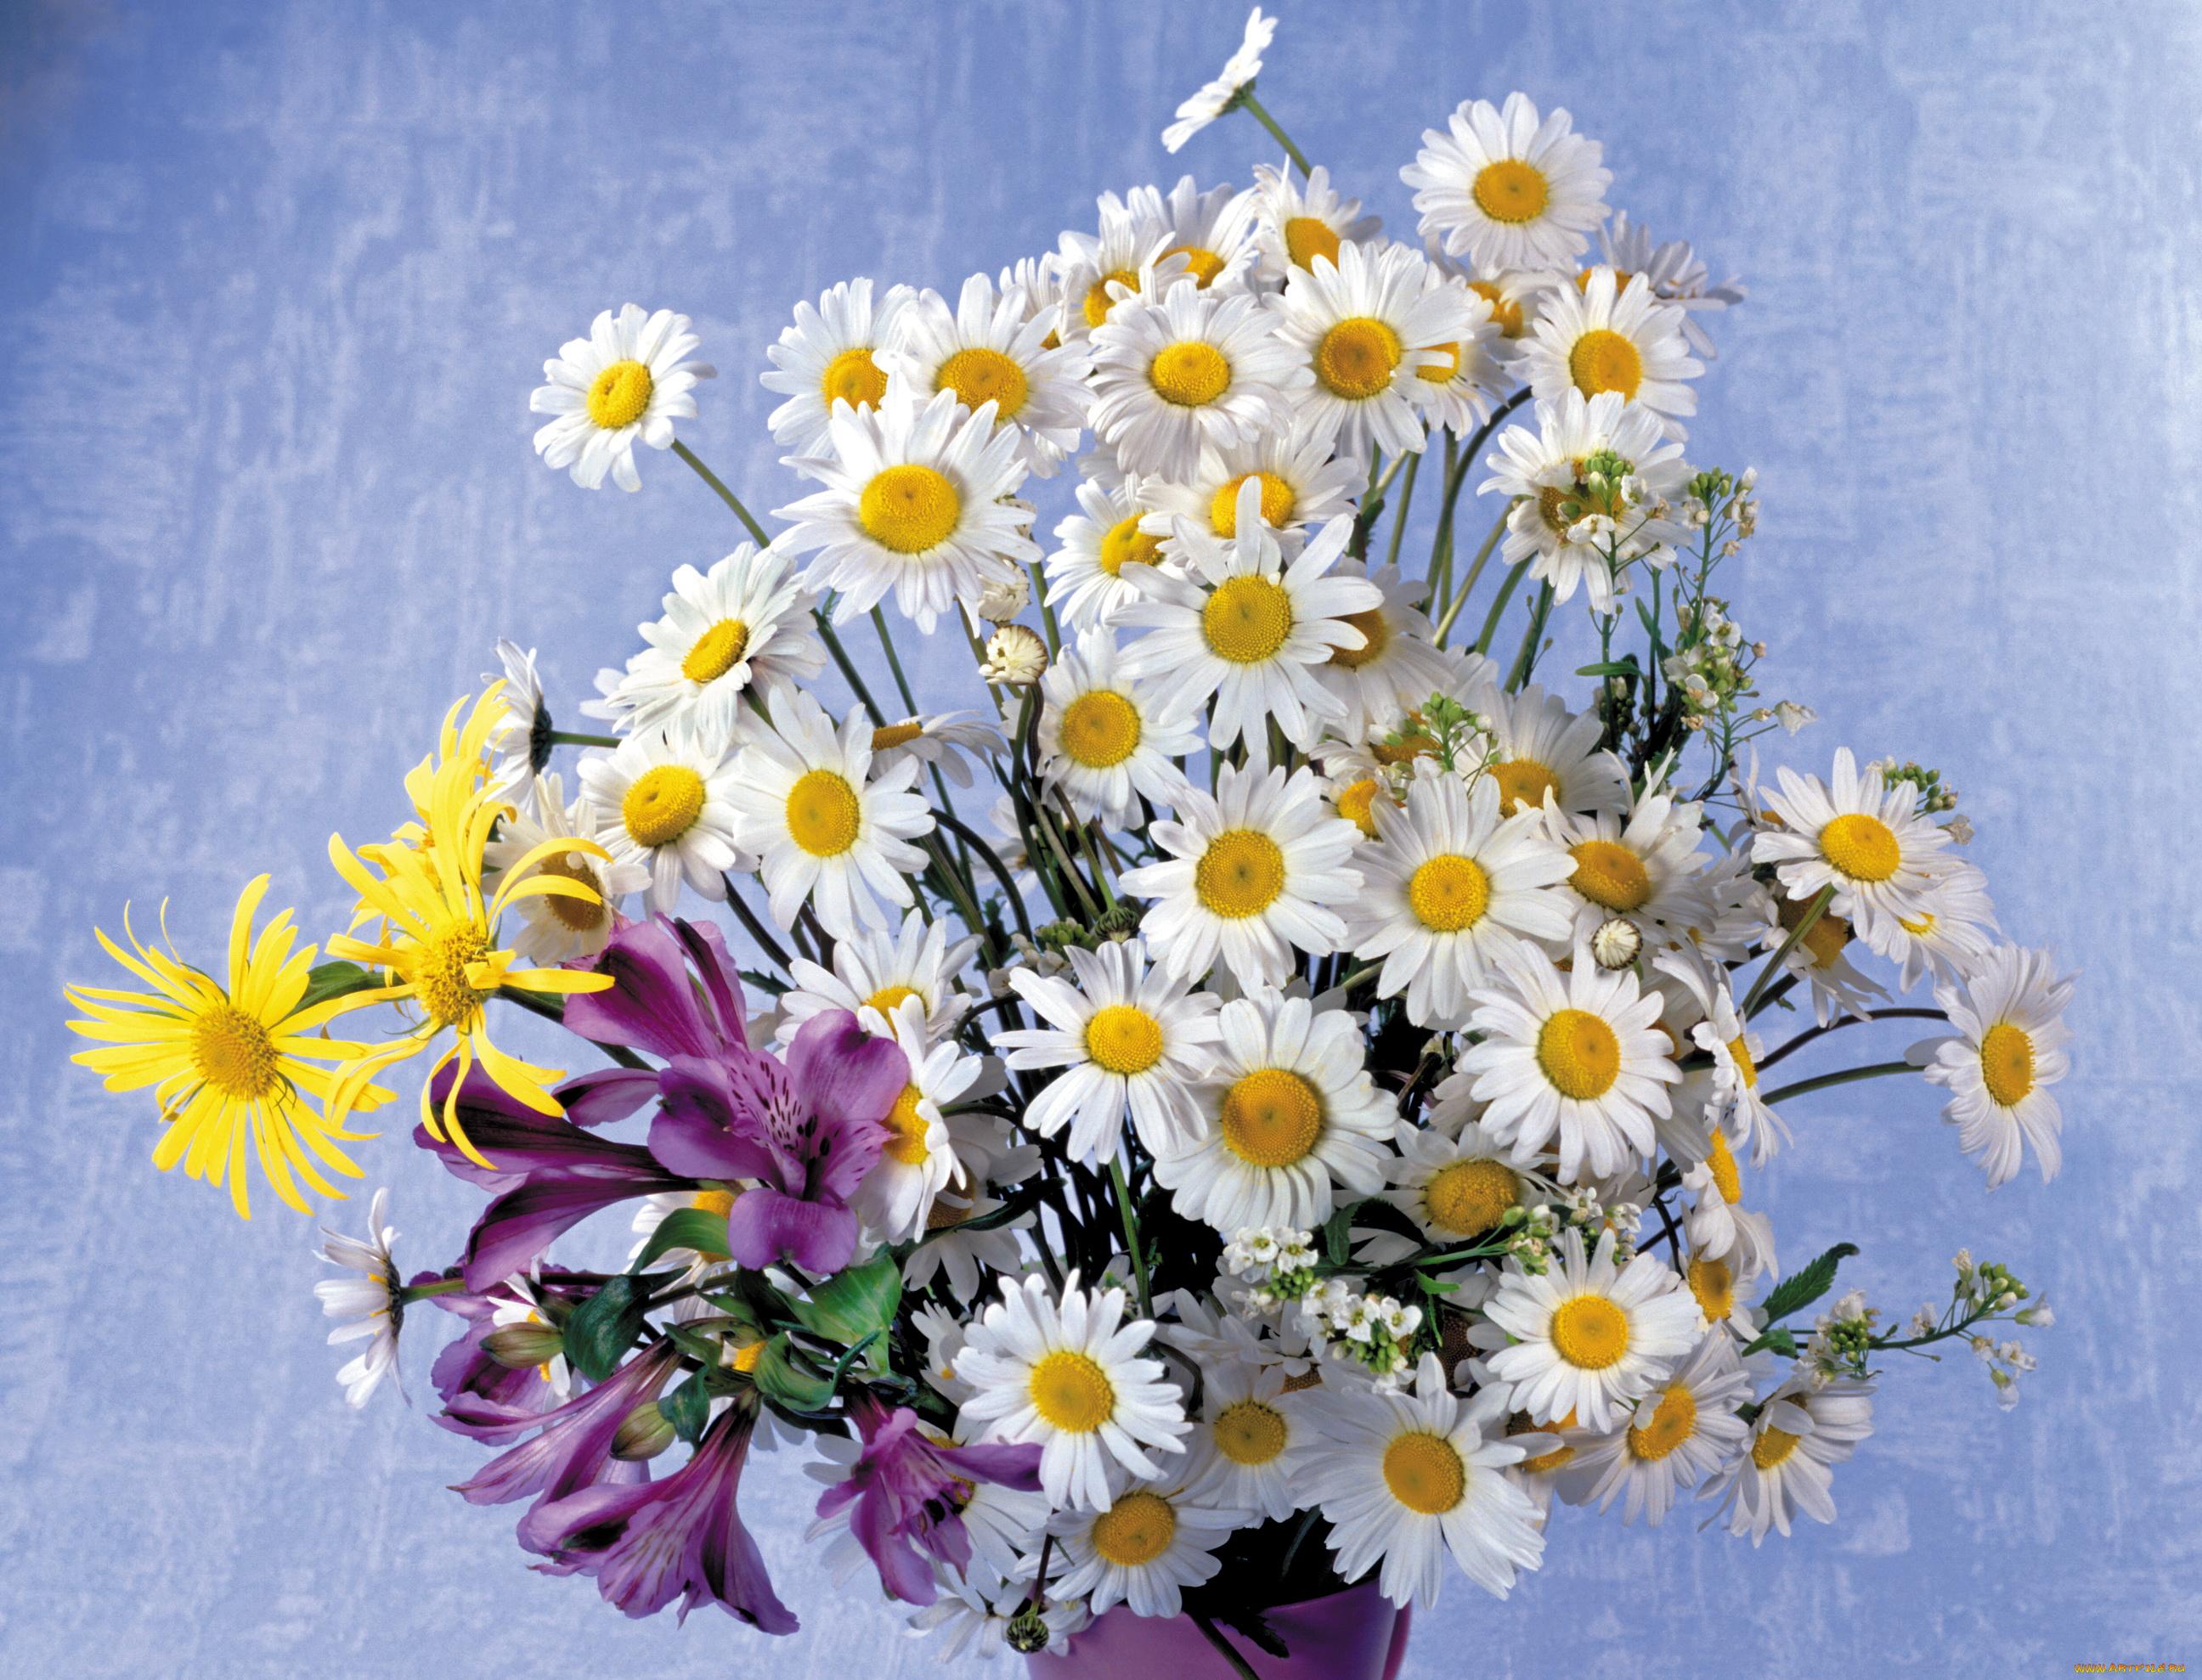 Совершеннолетием дочери, картинки с днем рождения полевые цветы